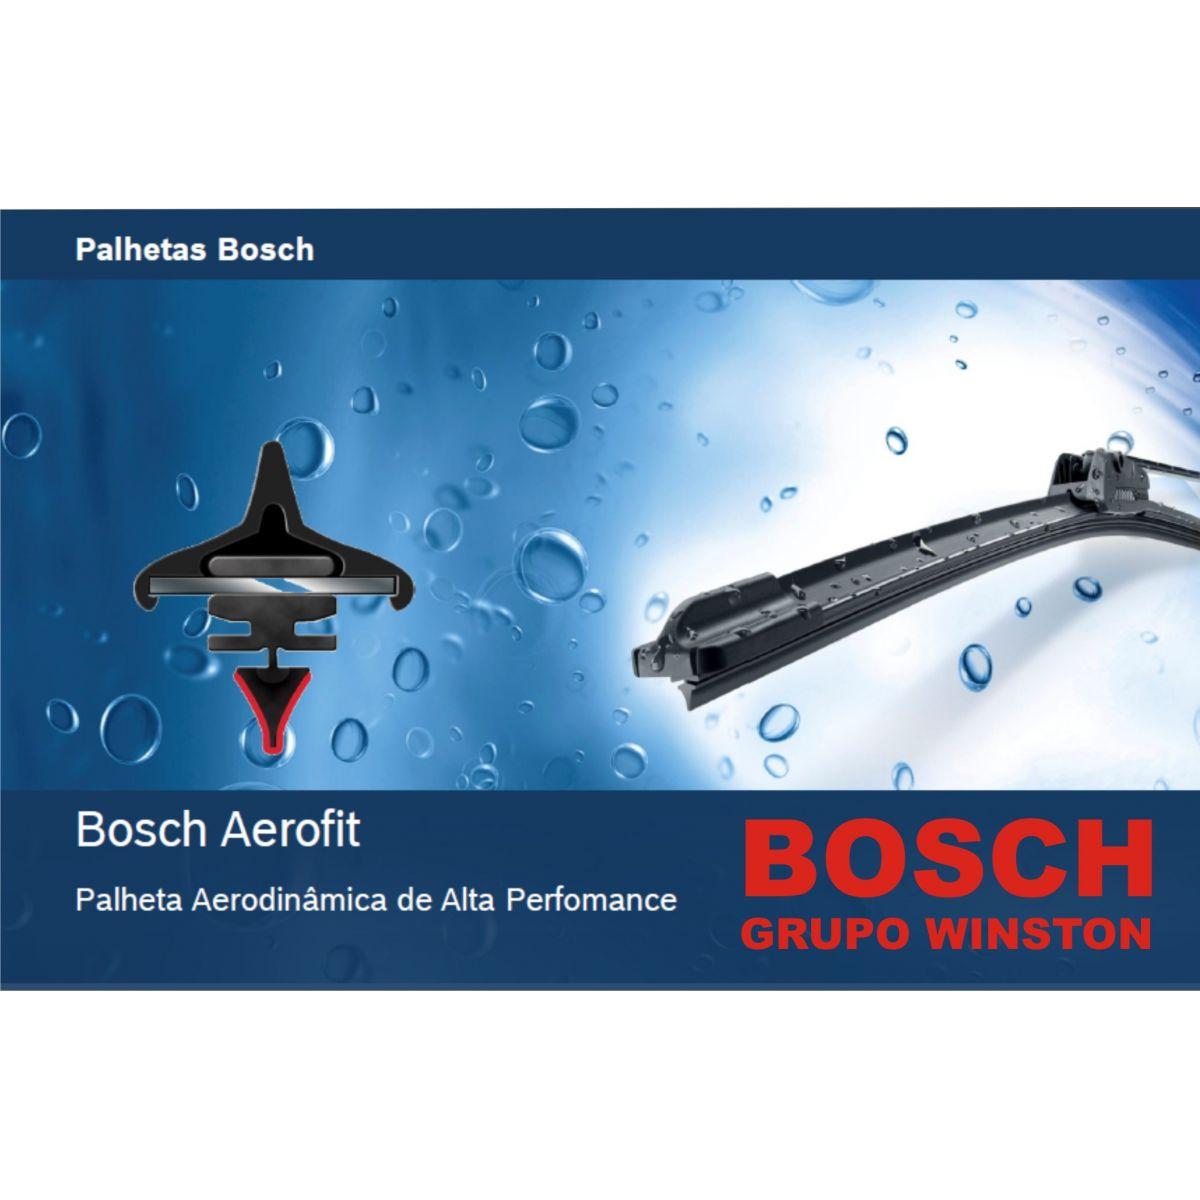 Palheta Bosch Aerofit Limpador de para brisa Bosch HYUNDAI Sonata 1993 até 2001